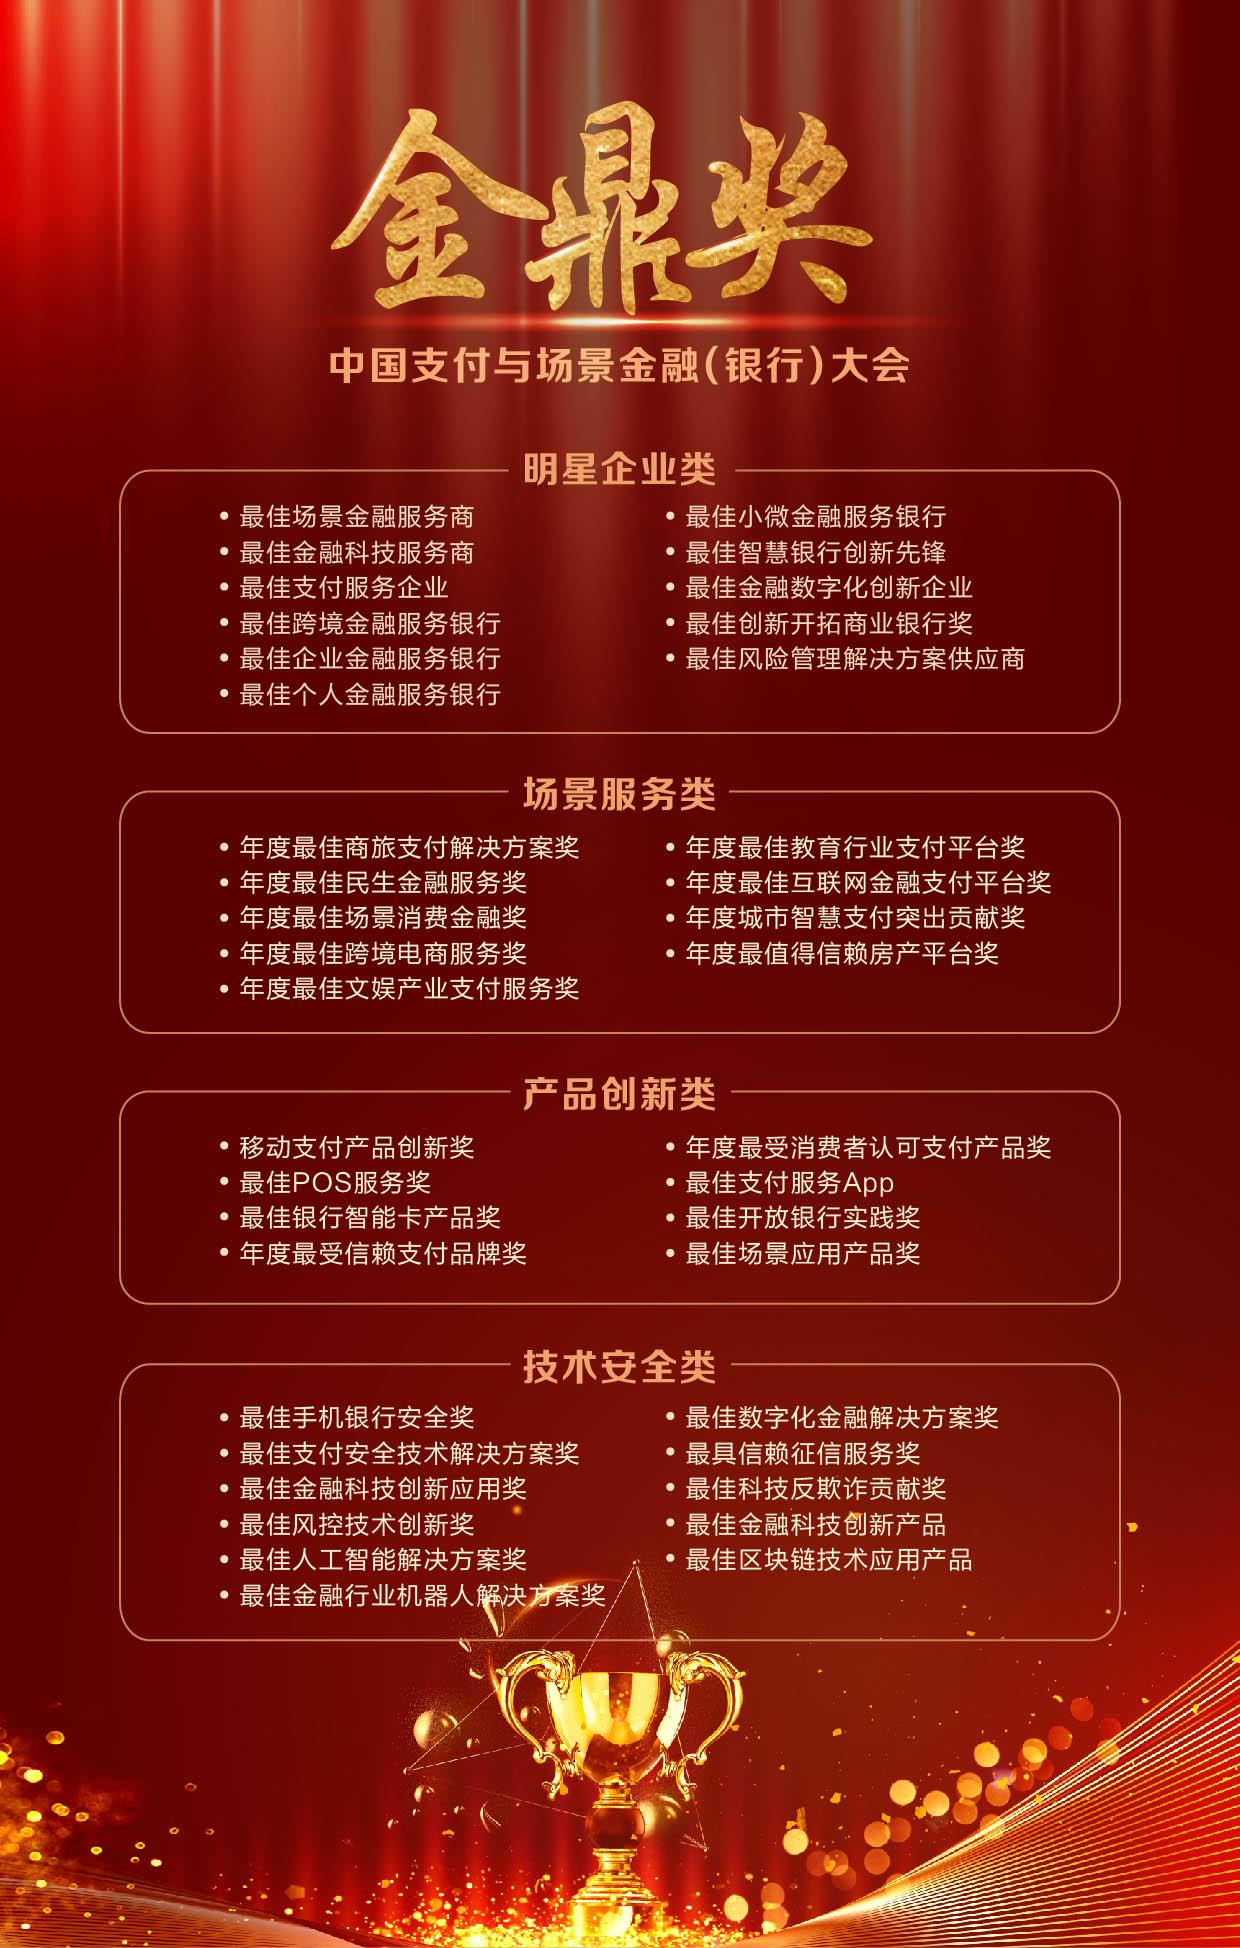 第十四届中国支付与场景金融(银行)大会